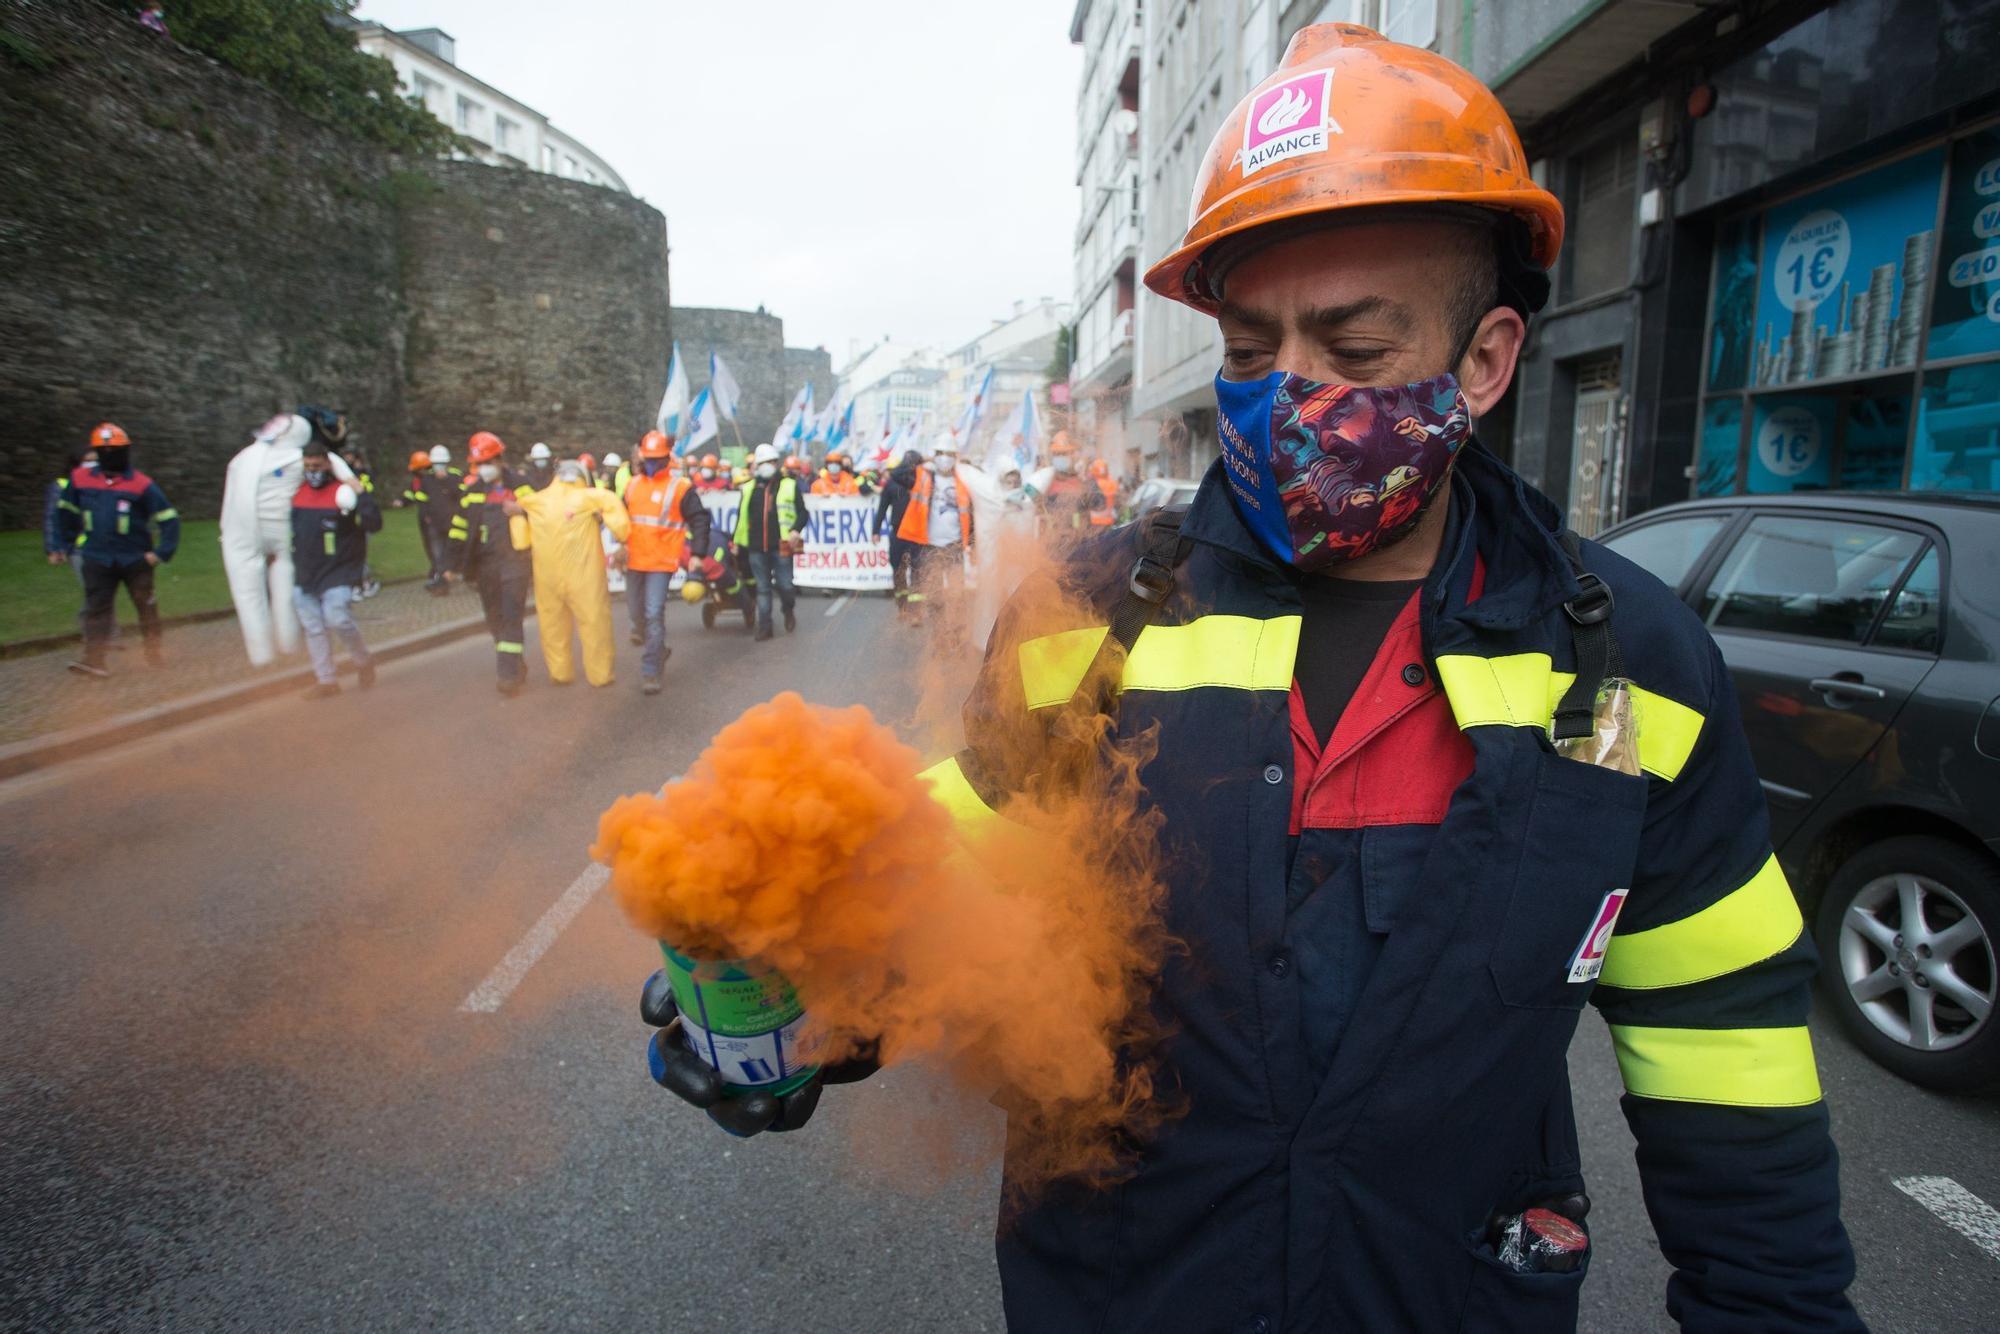 Multitudinaria protesta de los trabajadores de Alcoa en Lugo